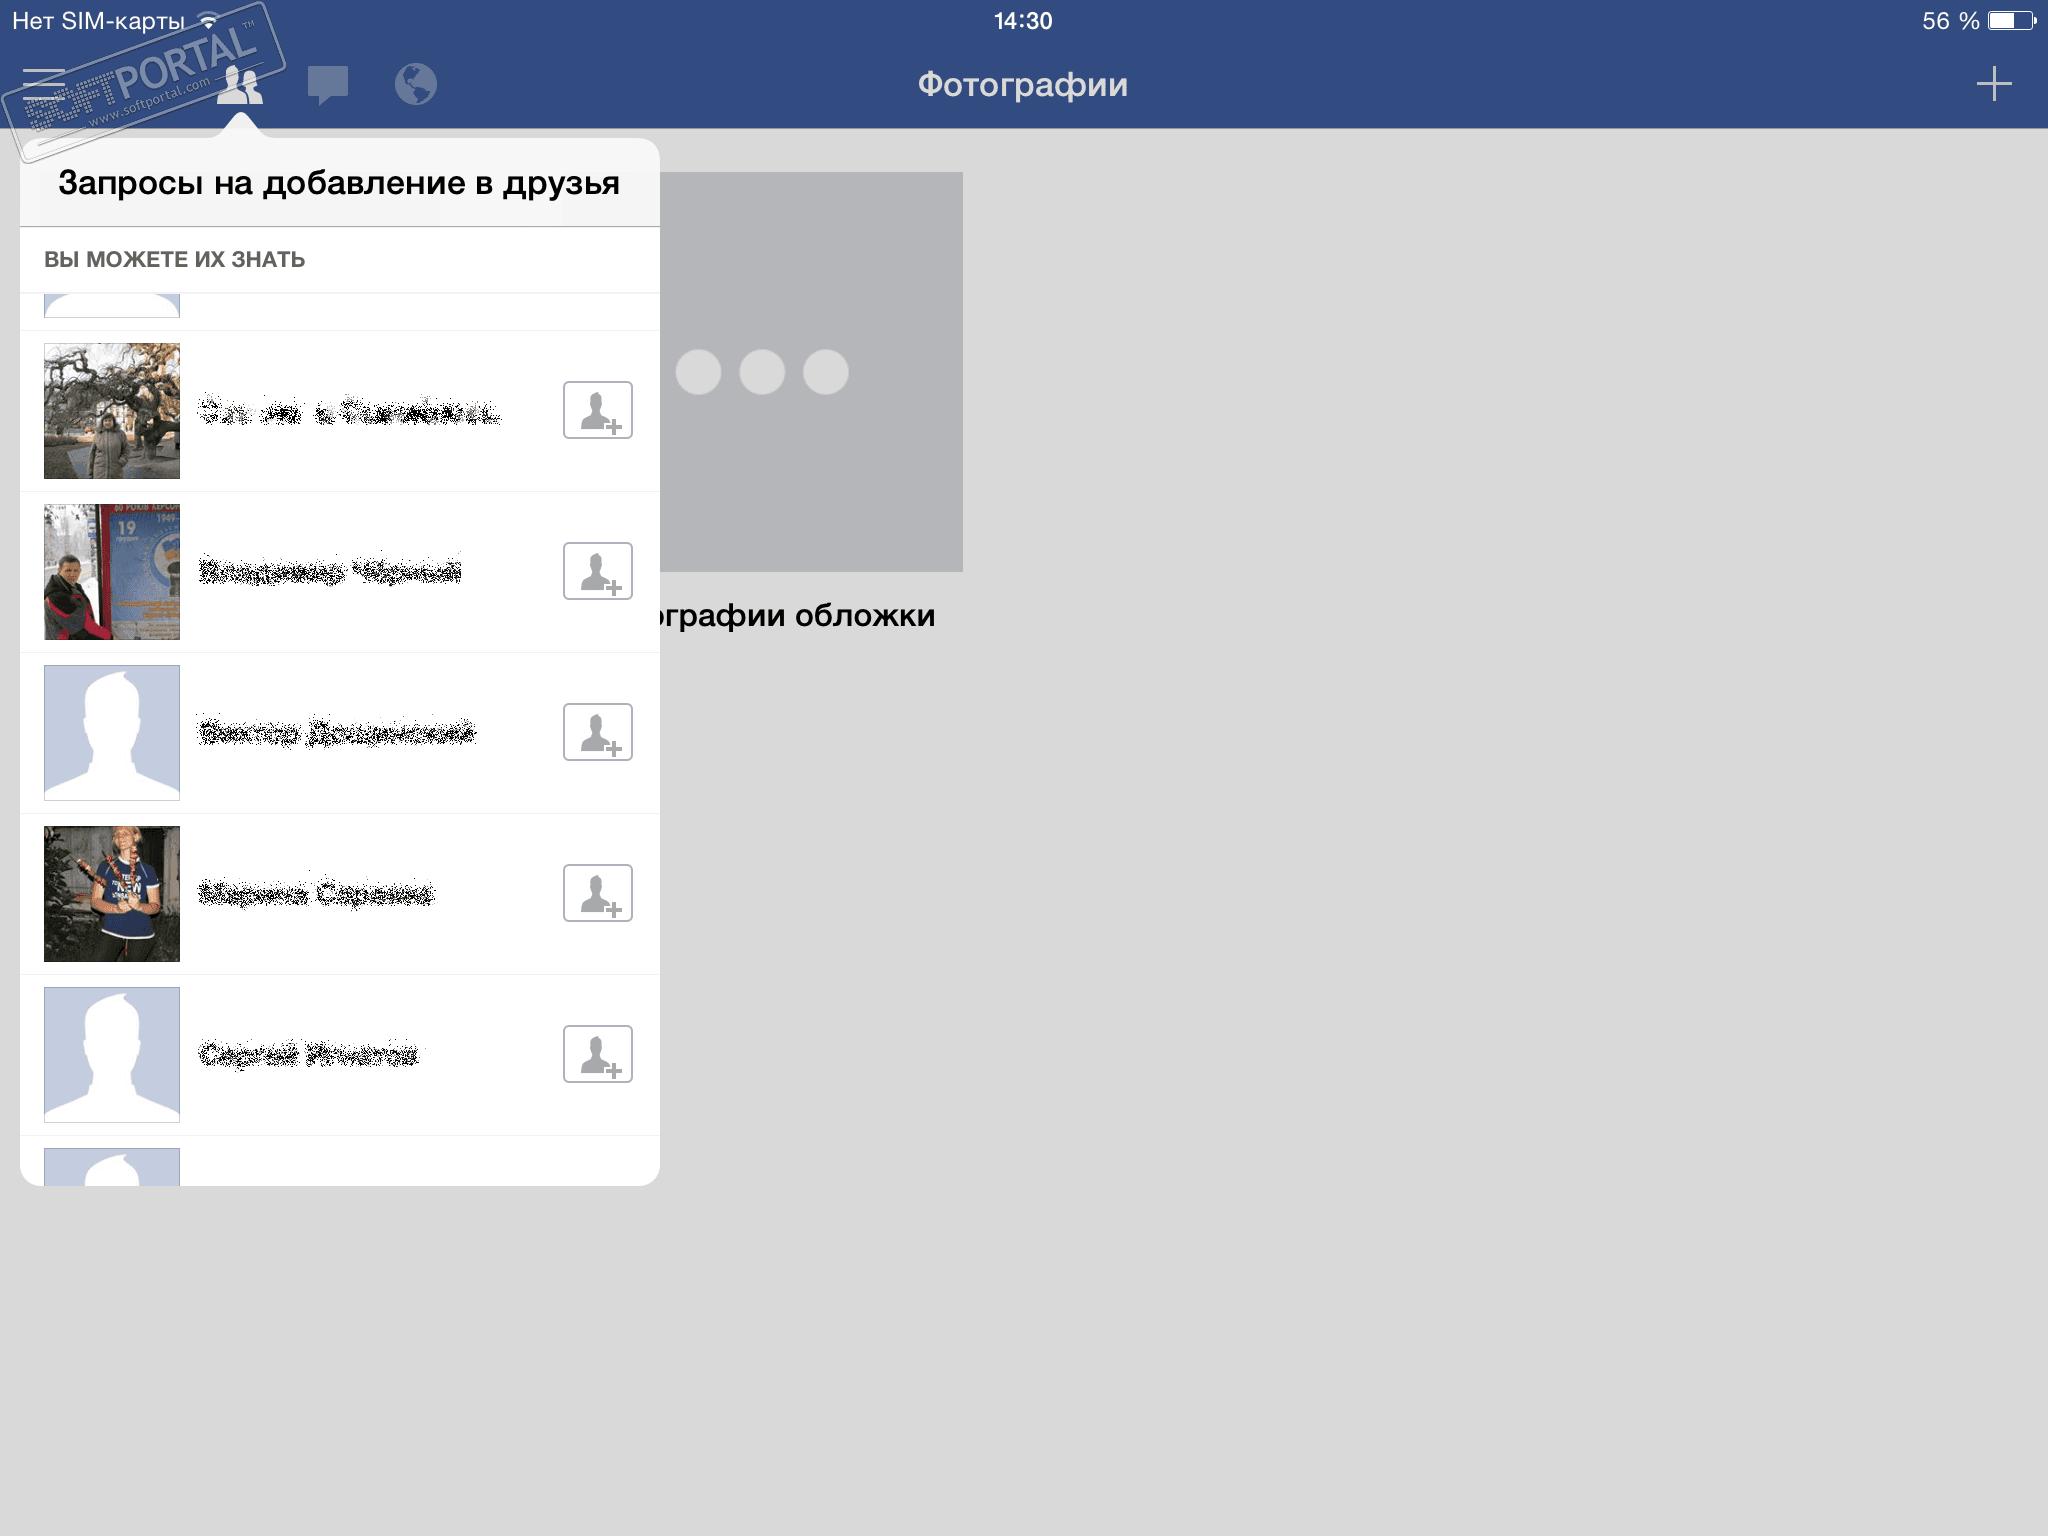 программа для знакомств ipad